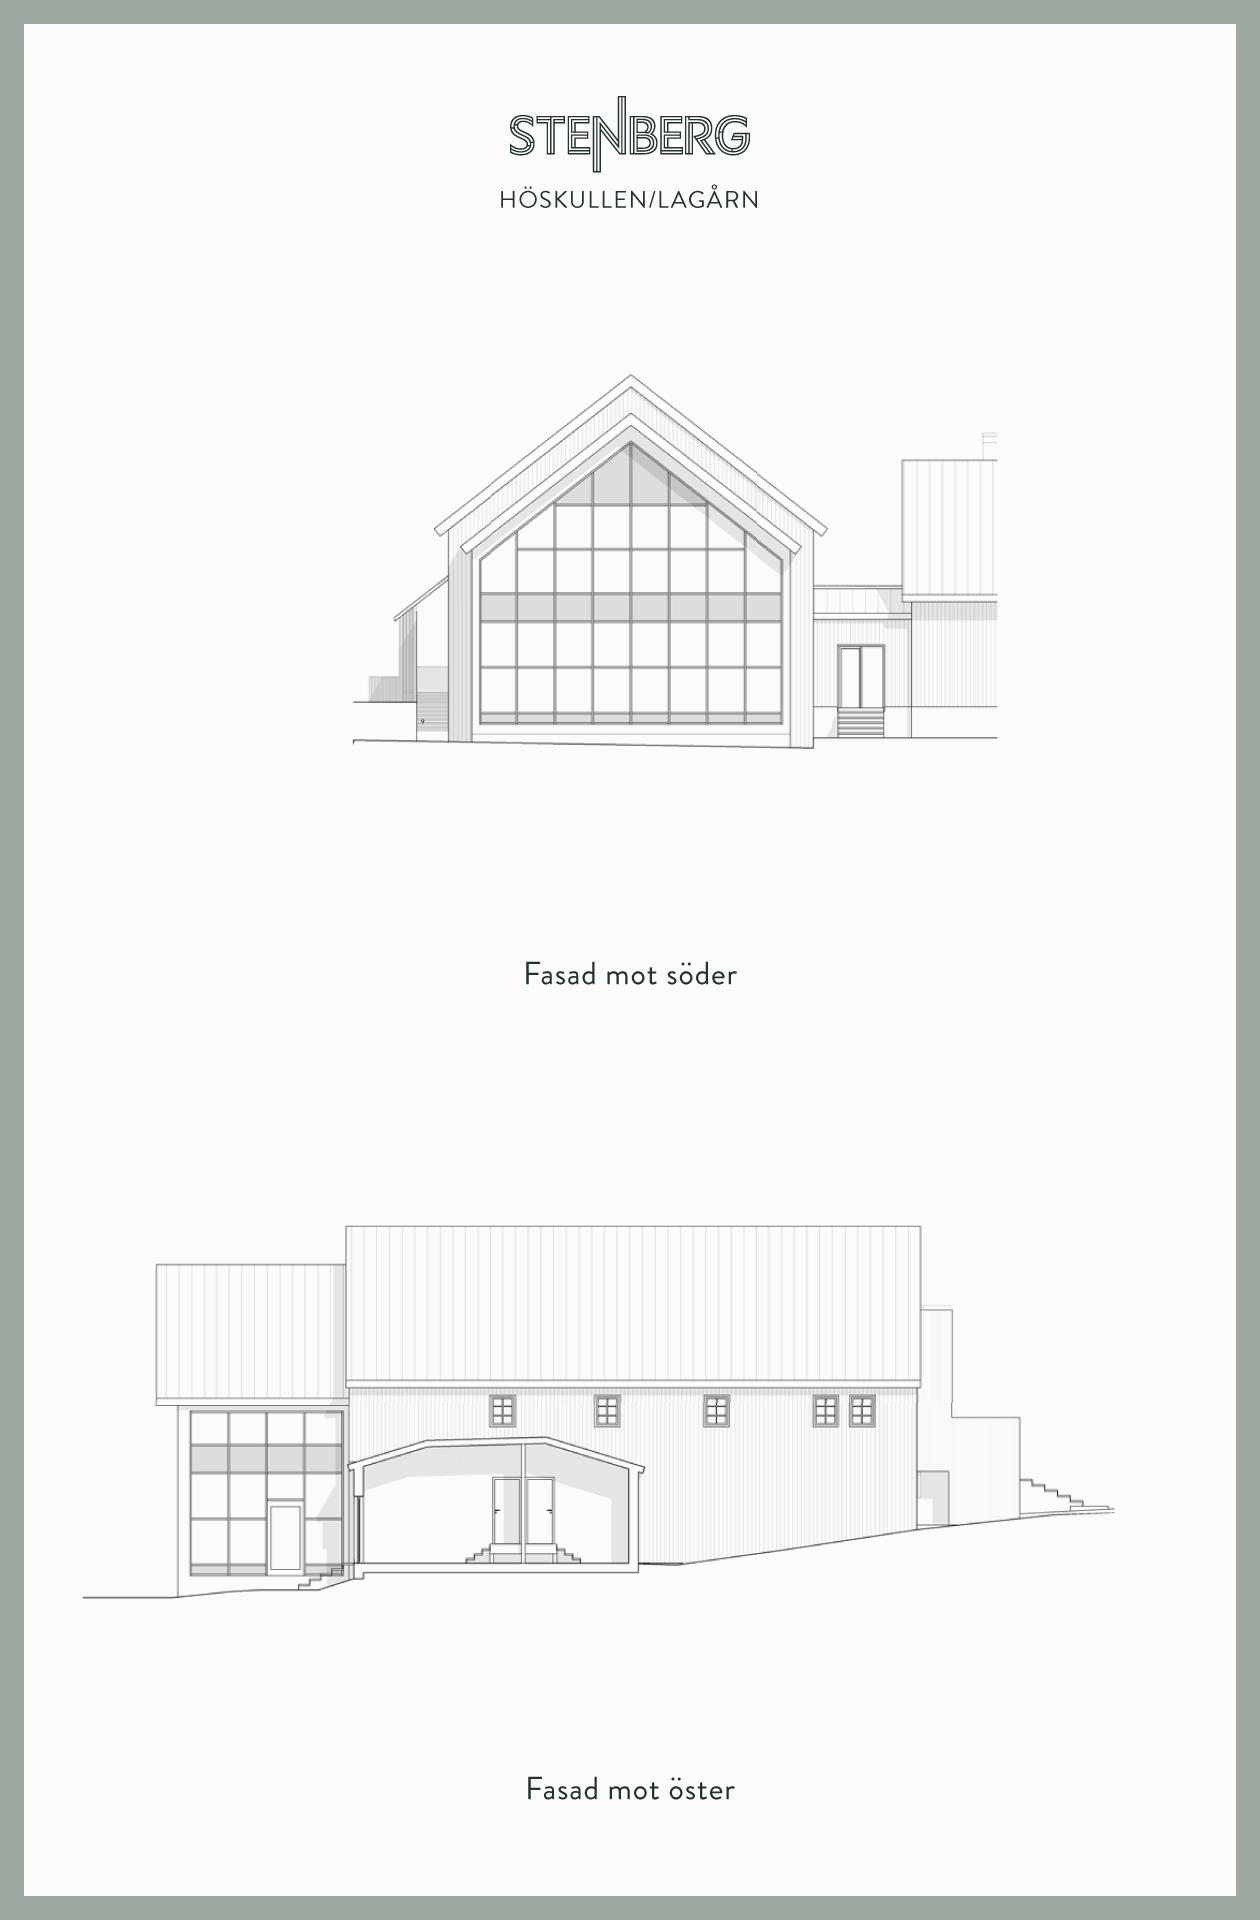 Stenberg-ritningar-Hoskullen lagarn1.jpg